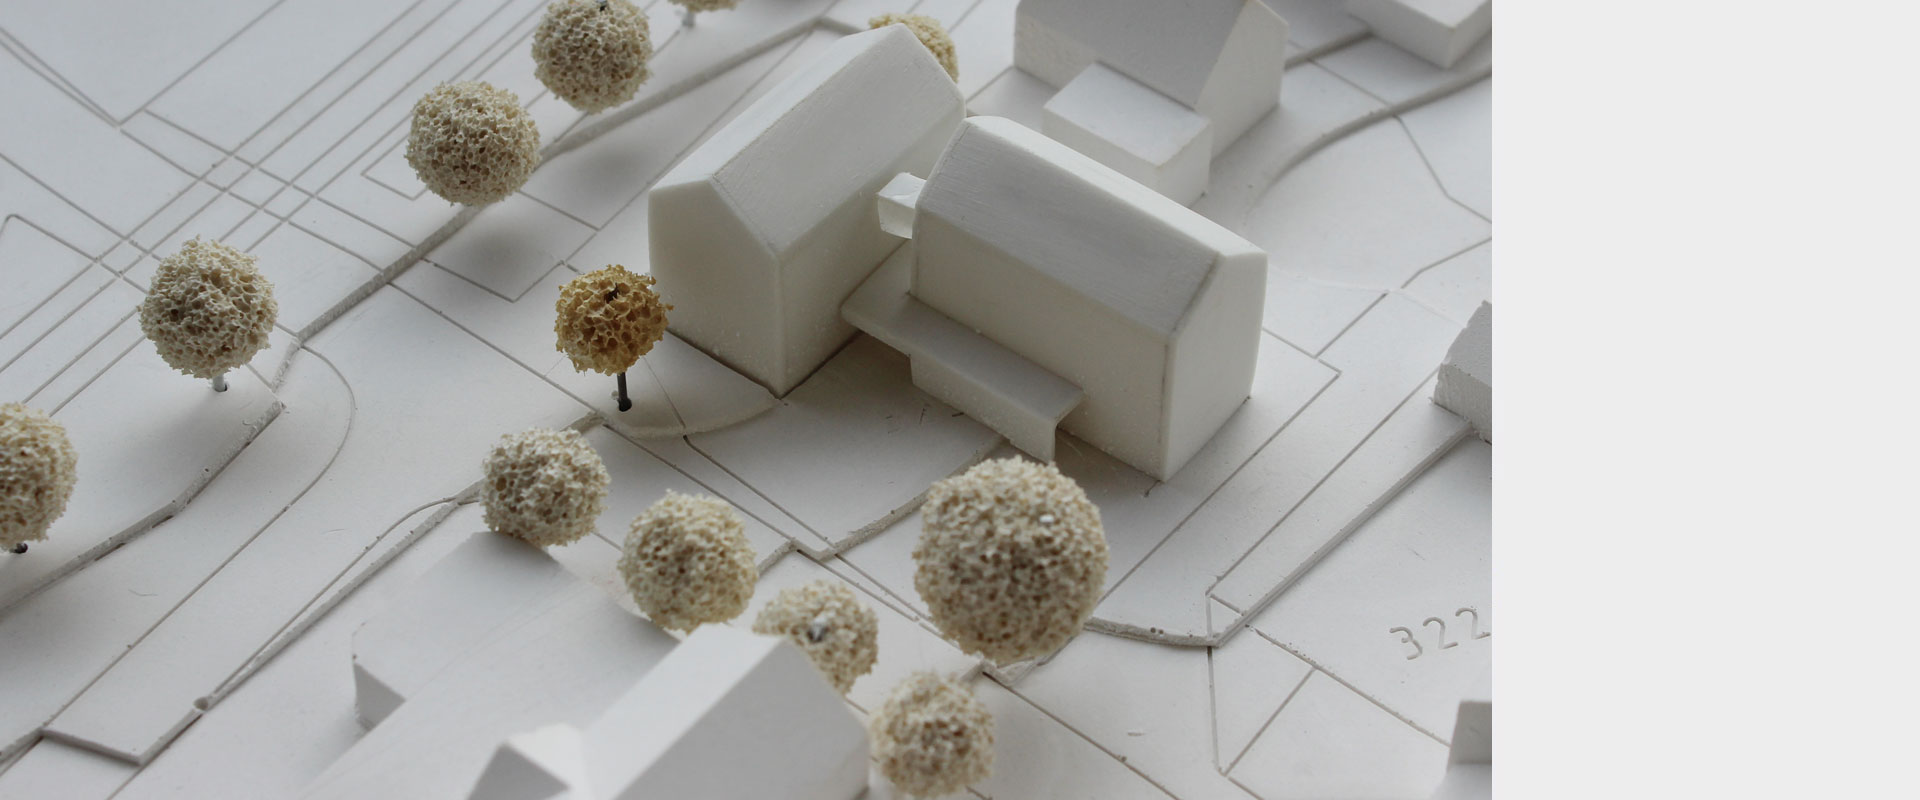 Architekturbüro musahl Waldshut Rathaus Dogern Modell